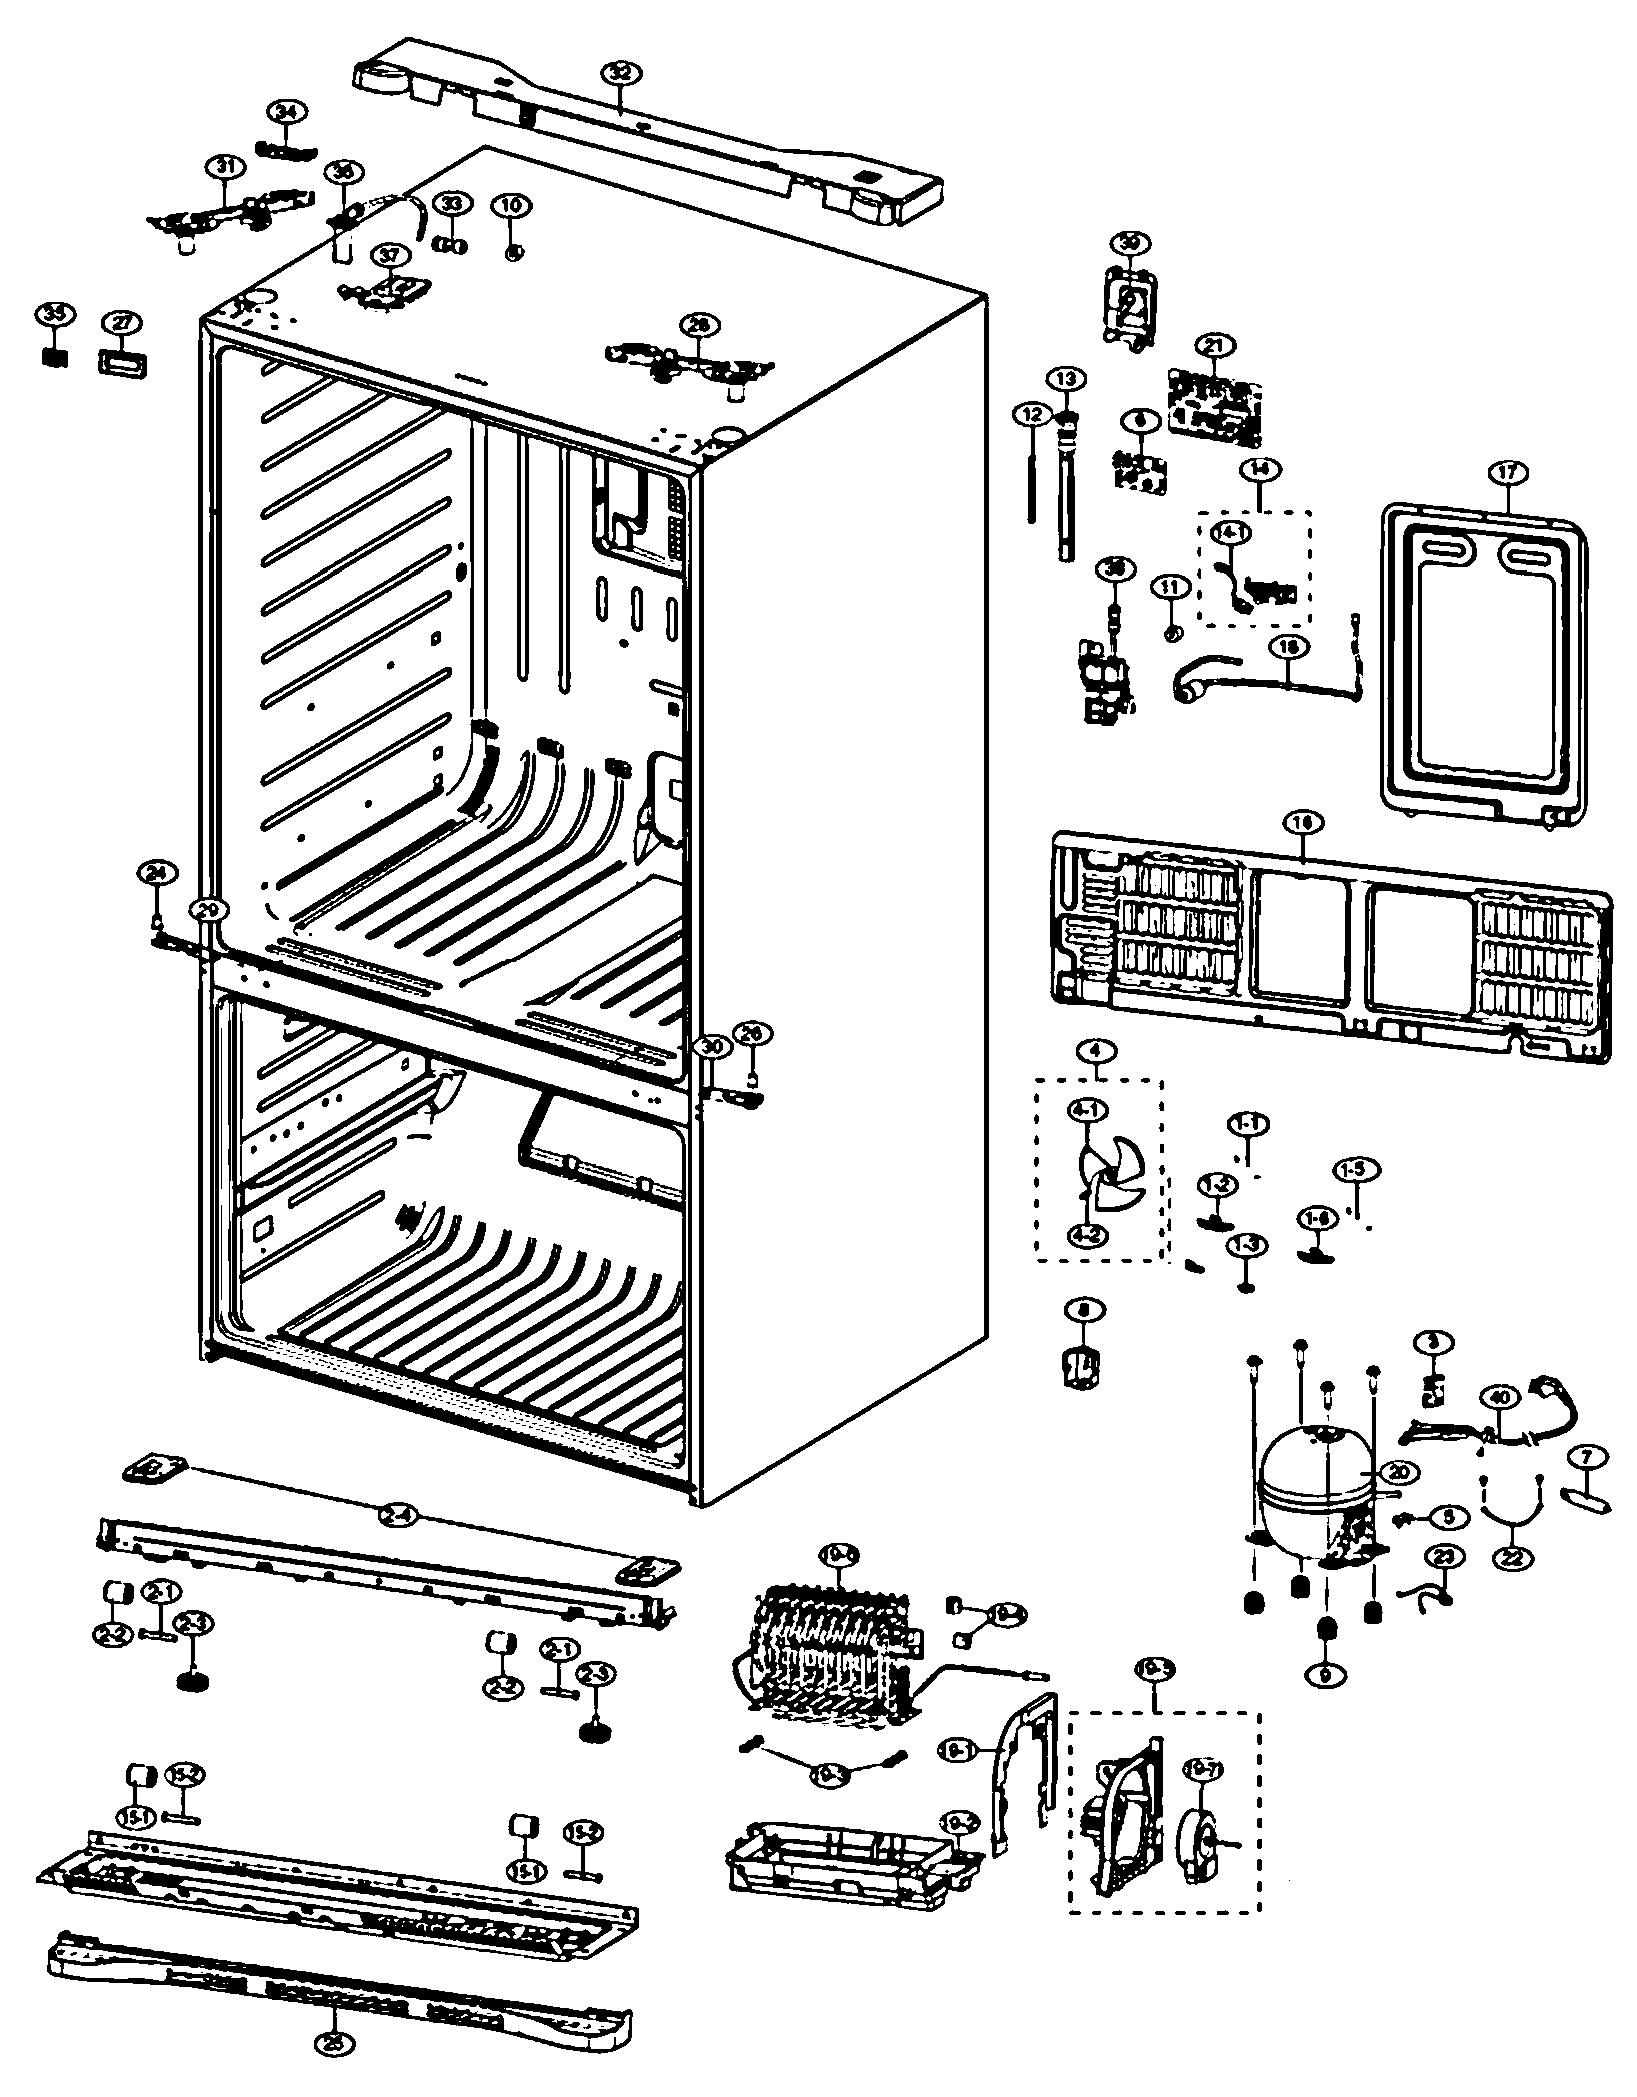 Samsung Wf448aap Wiring Diagram